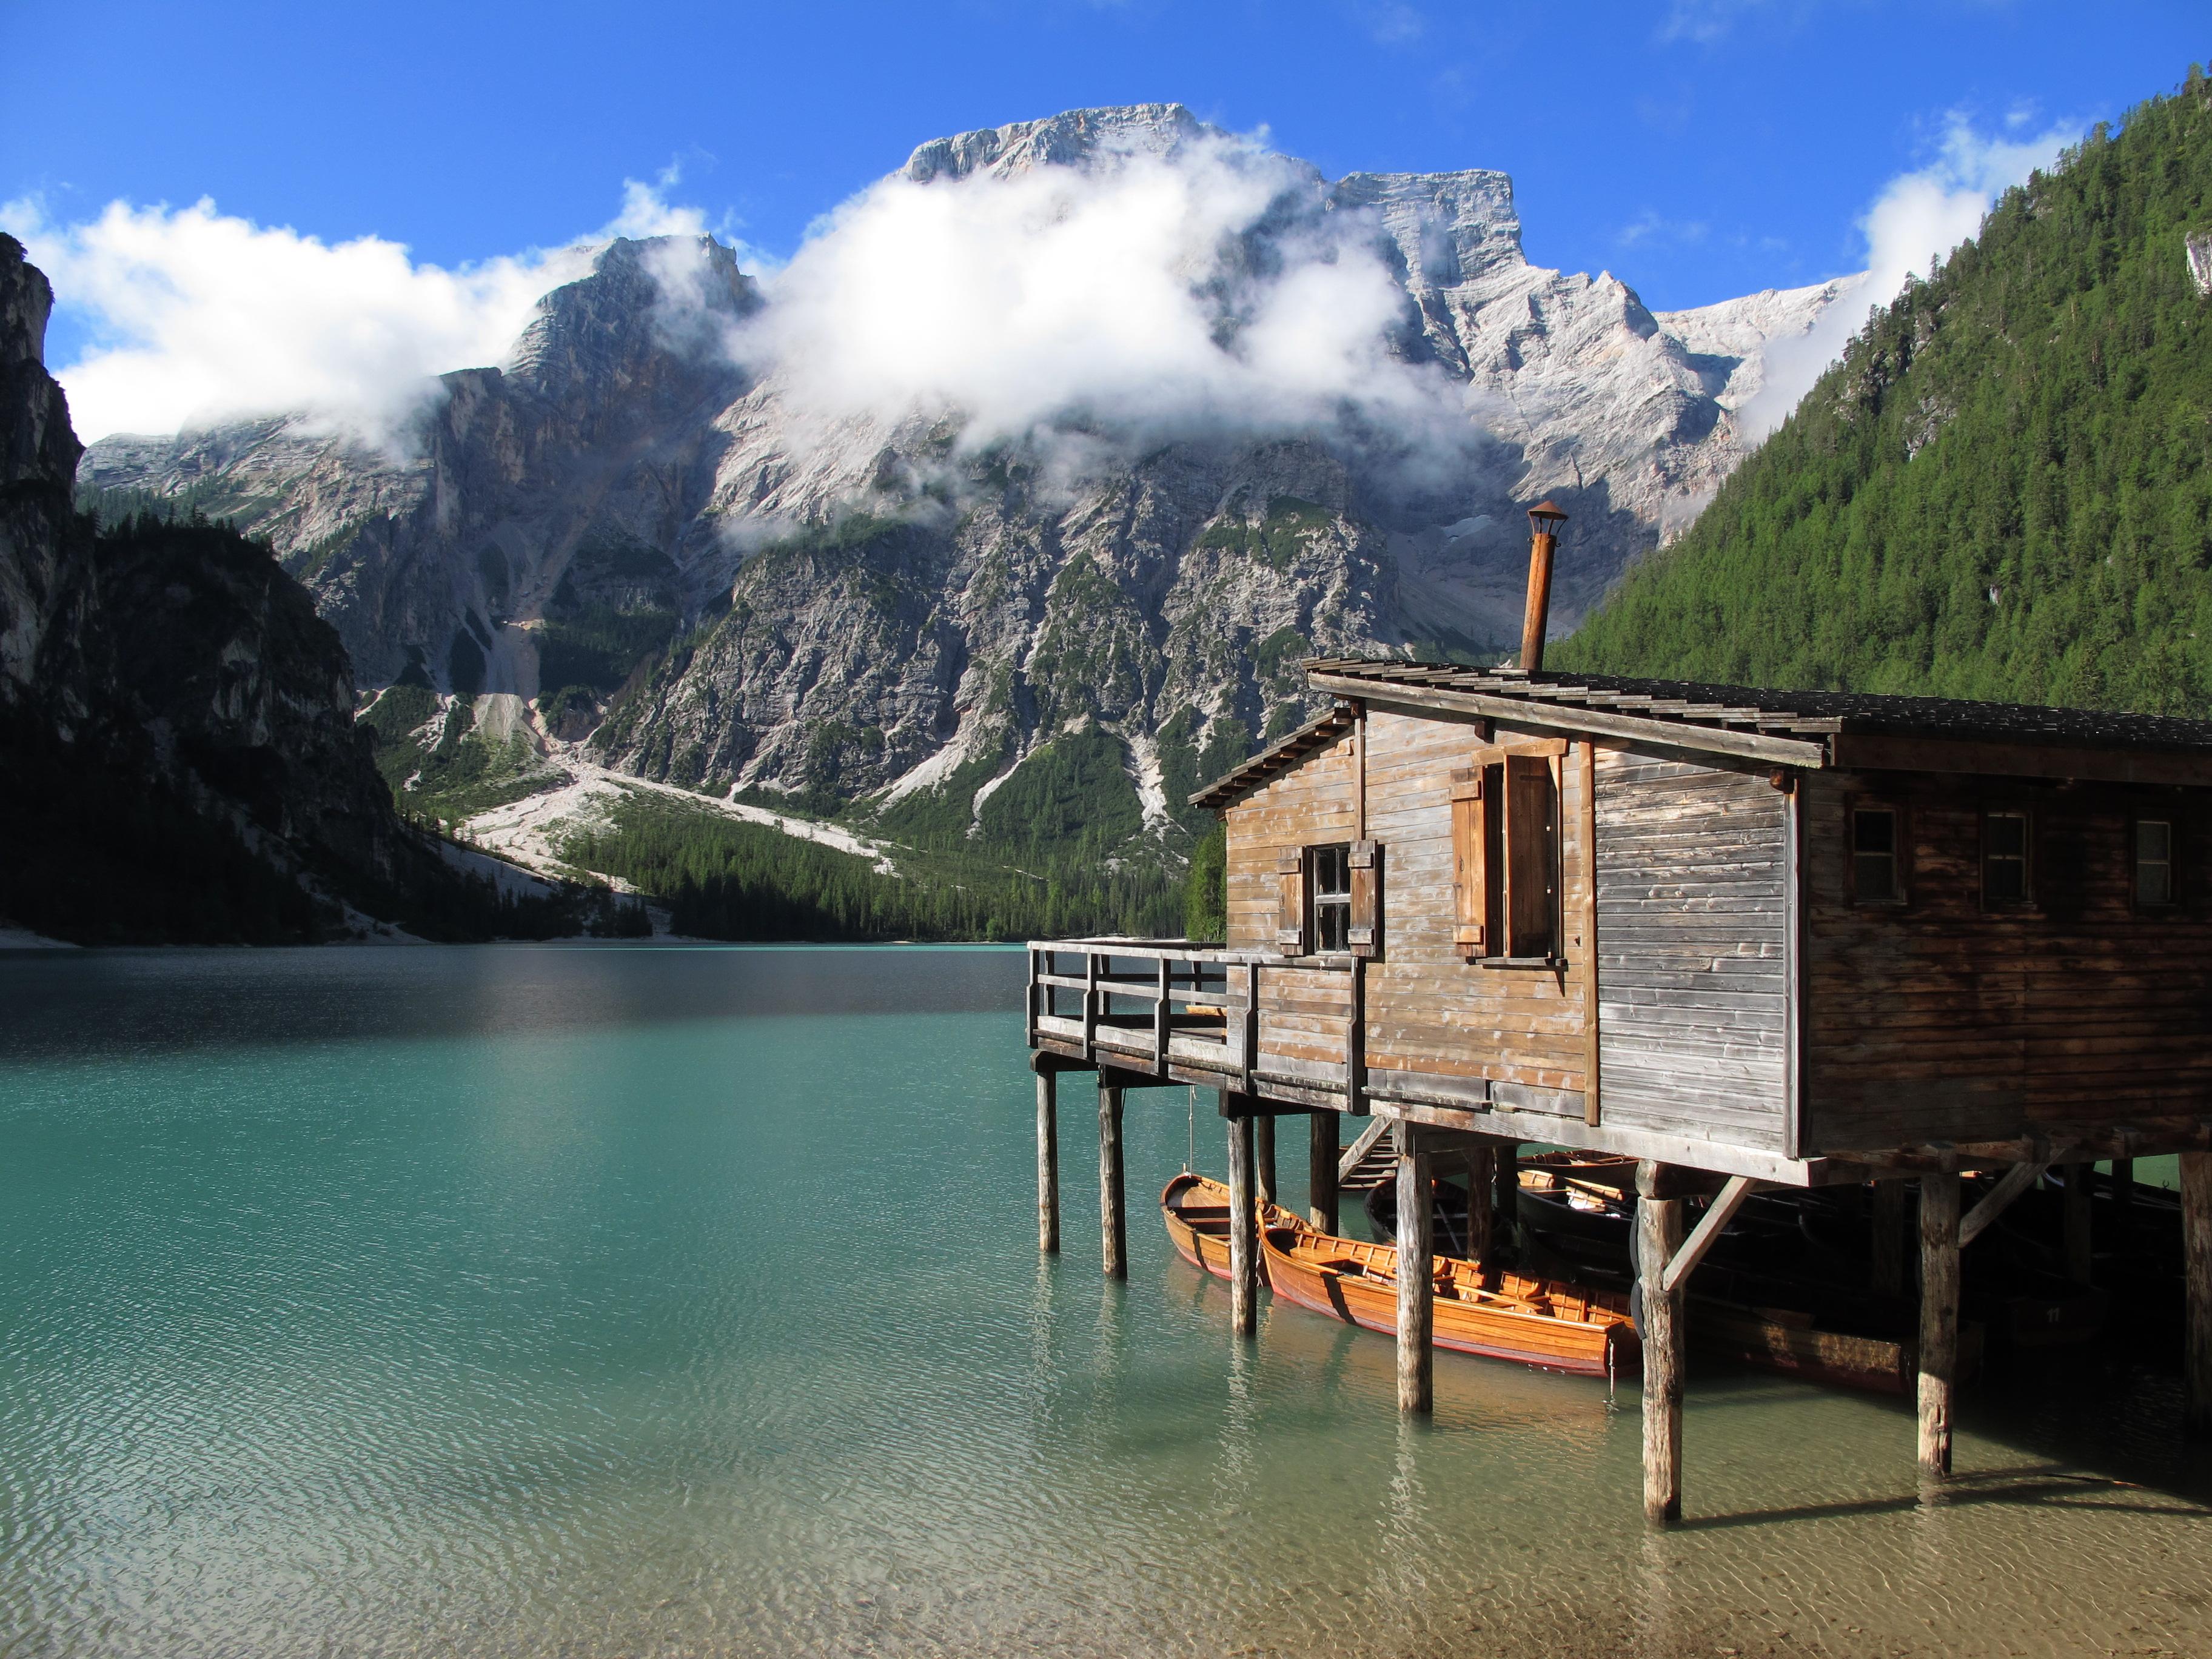 chalet sur le lac de braies montagne lacs lago di braies dolomites italie. Black Bedroom Furniture Sets. Home Design Ideas